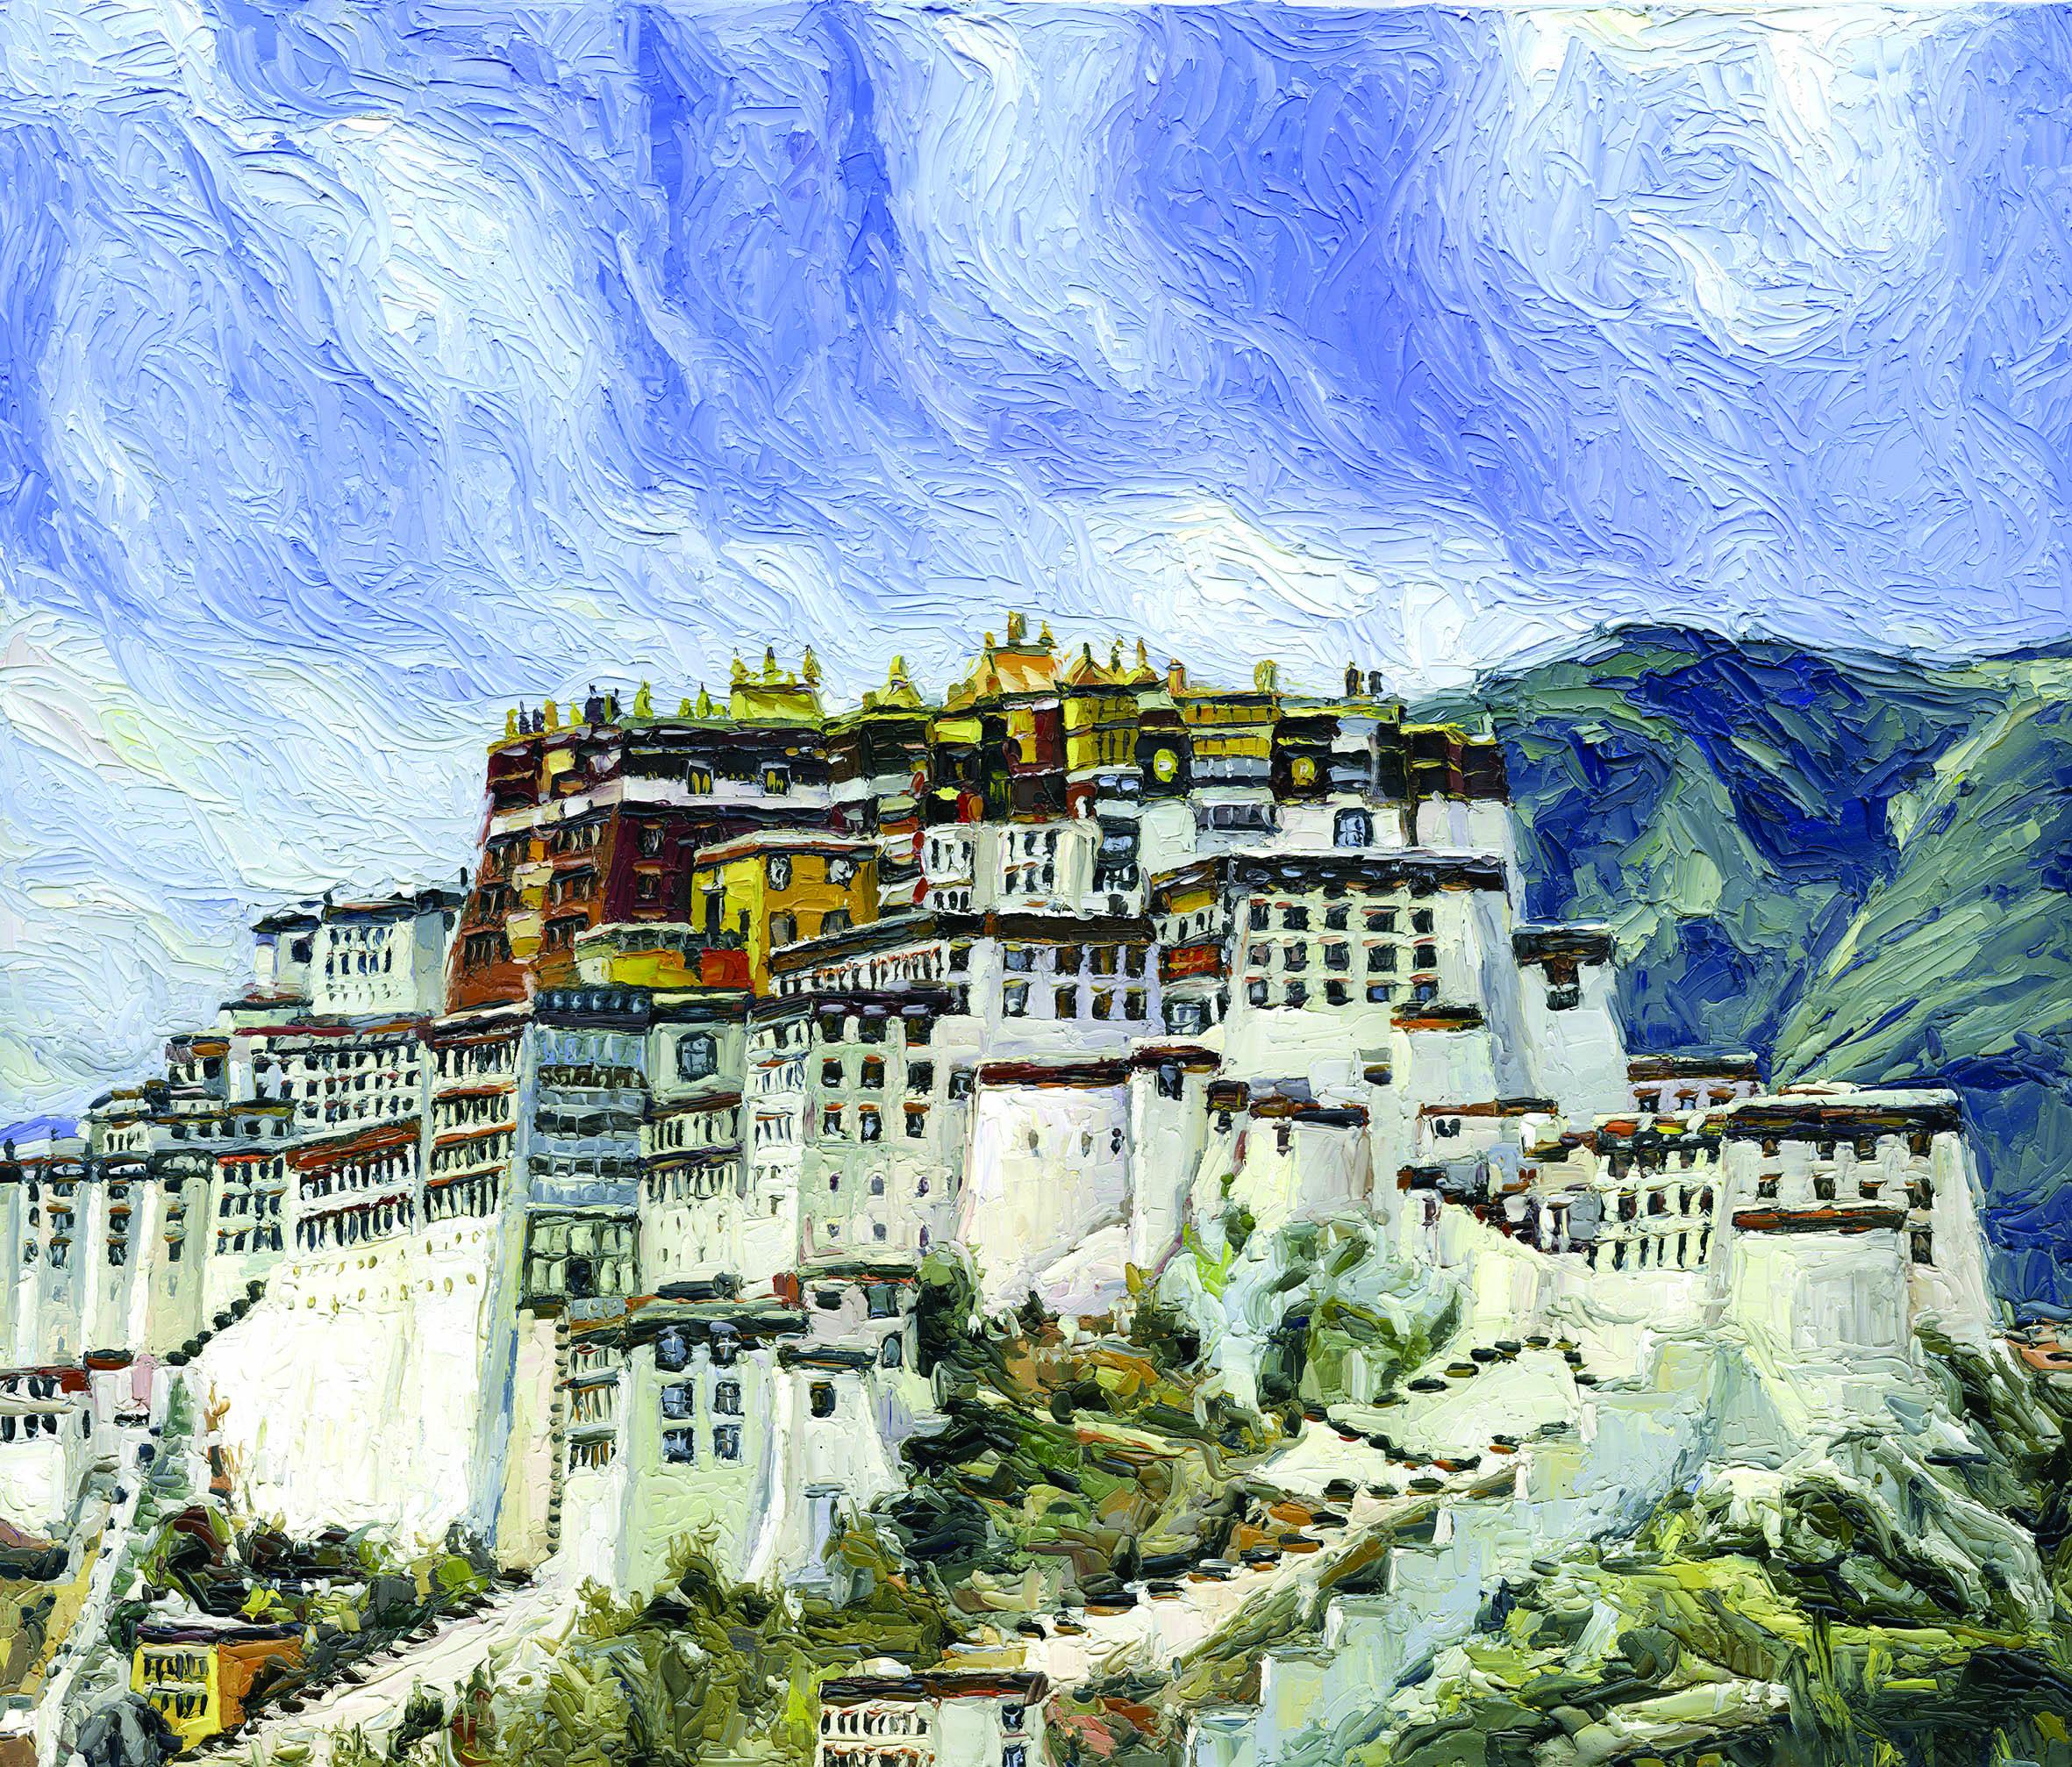 Χρήστος Μπαλούκος, Θιβέτ 1 (2019), Λάδι σε μουσαμά, 50 x 60 εκ.